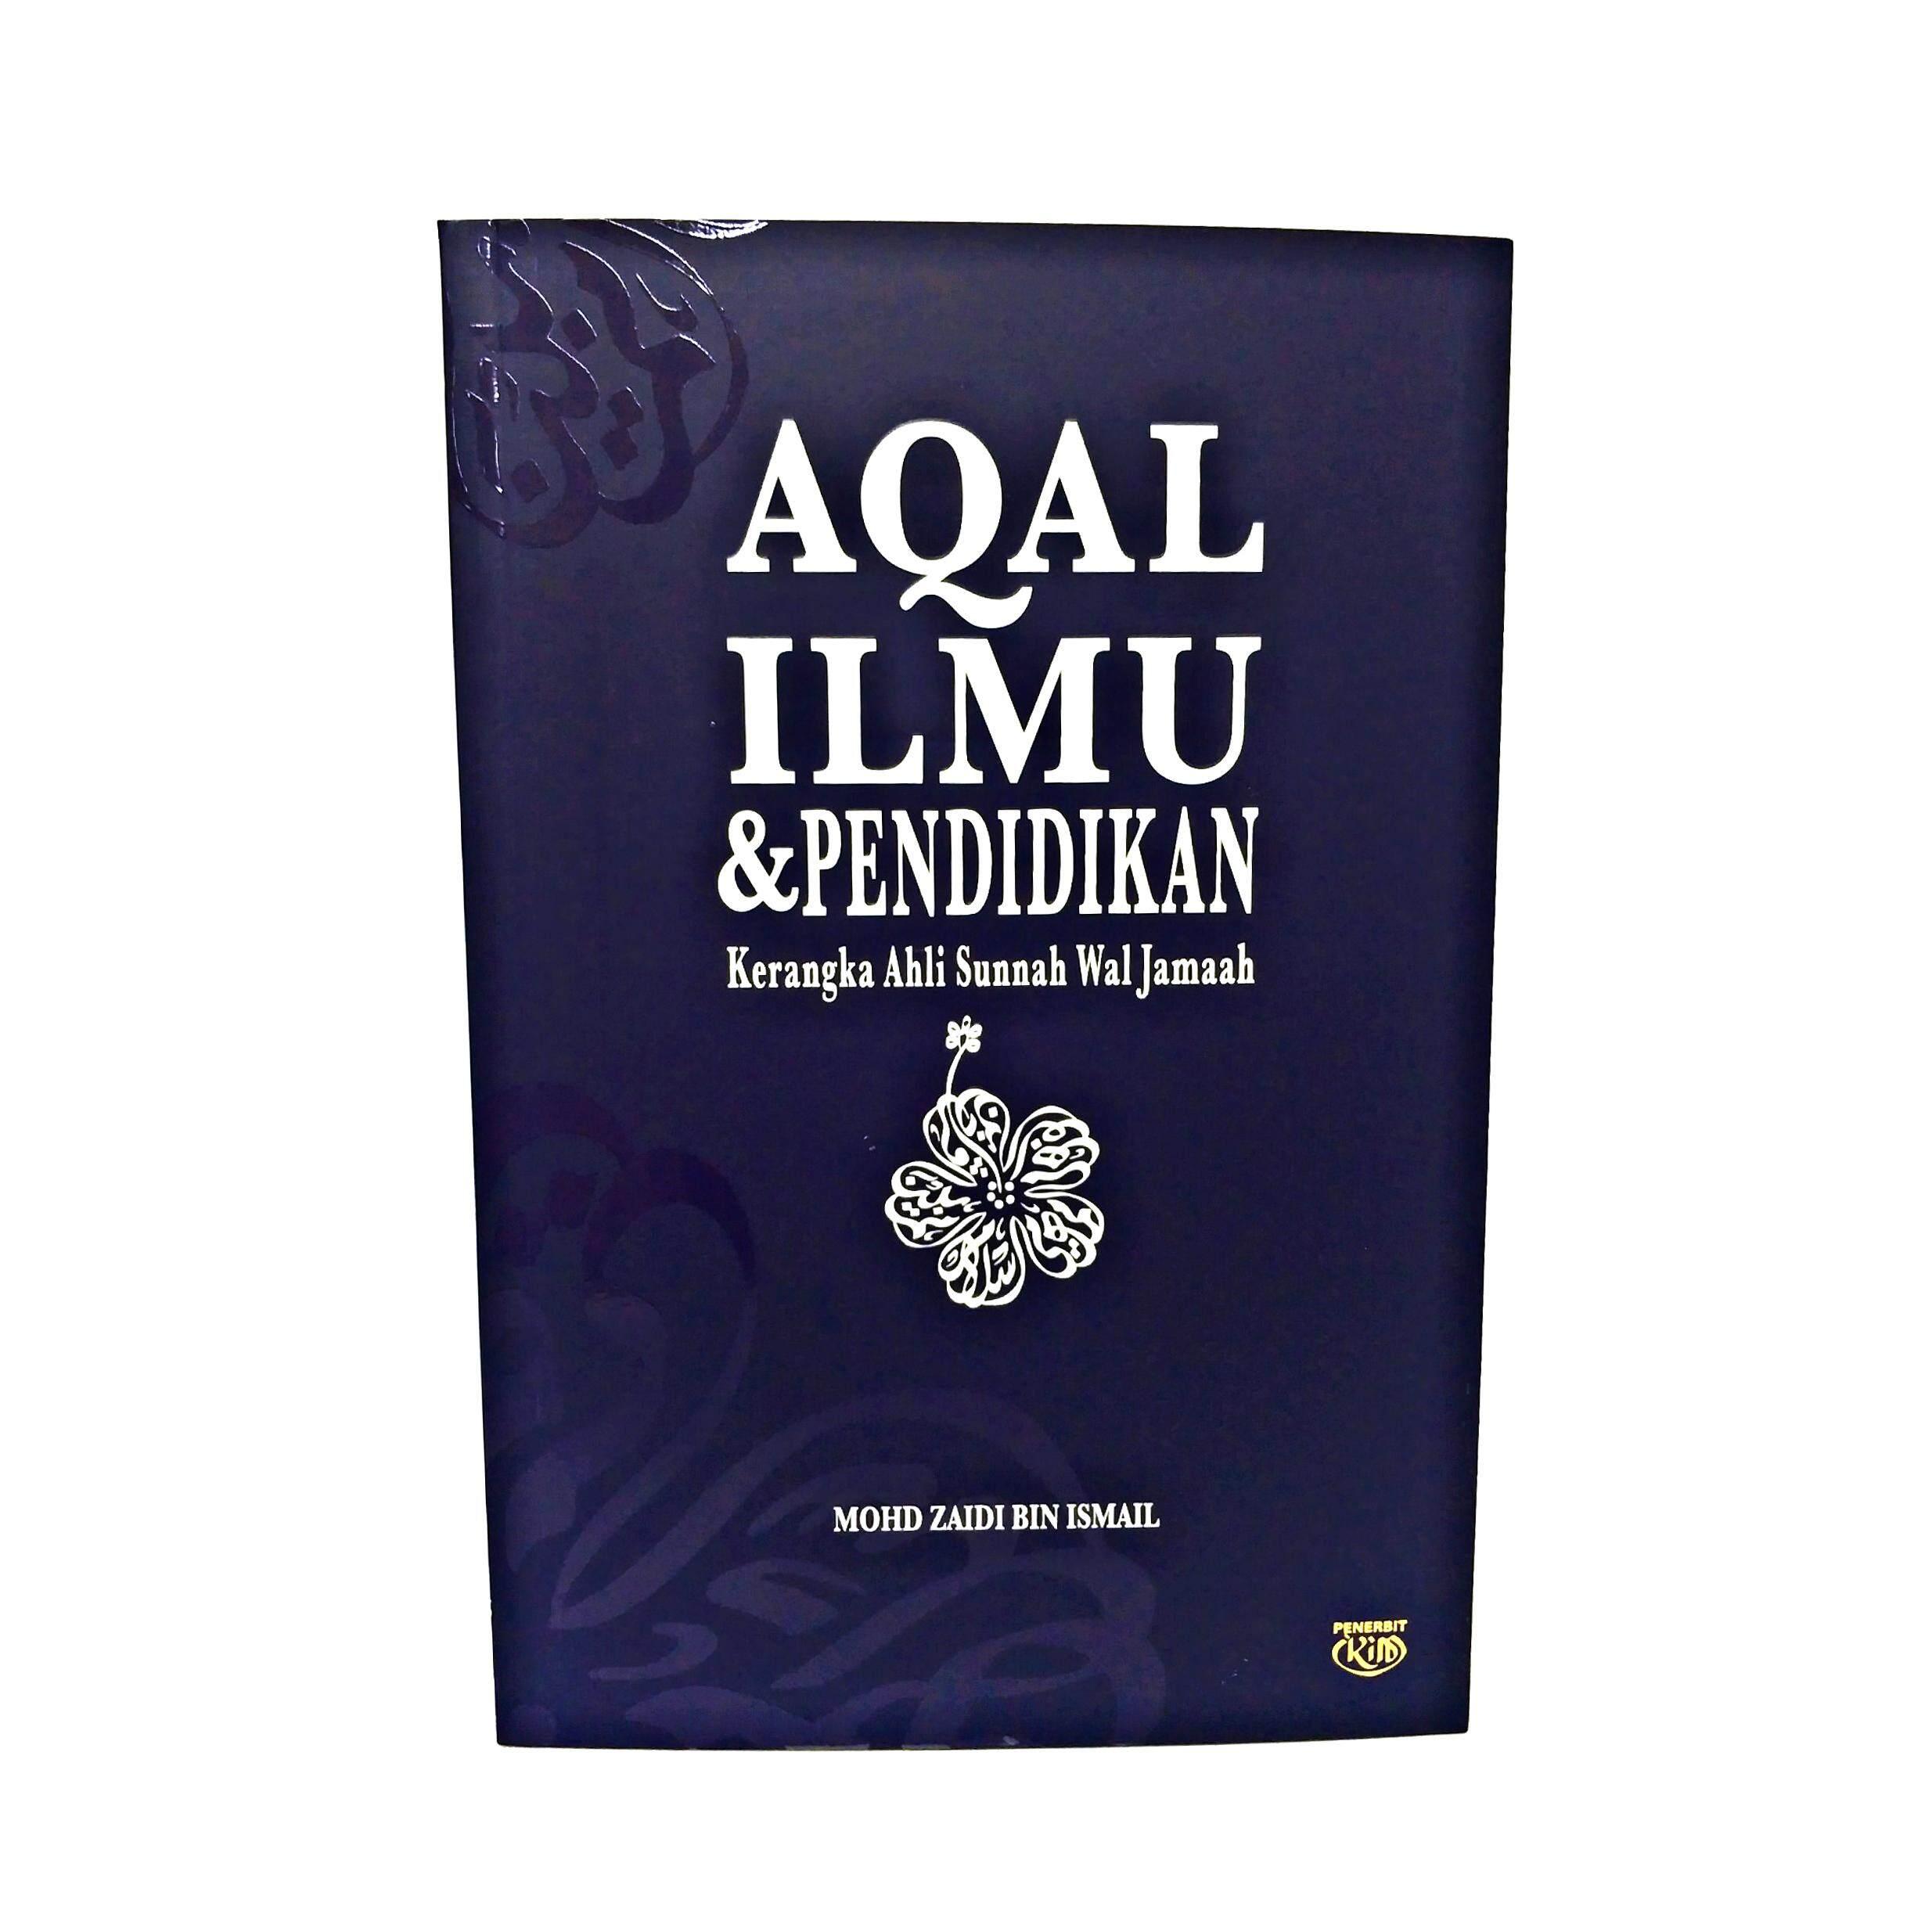 Aqal, Ilmu & Pendidikan - Kerangka Ahli Sunnah Wal Jamaah, Mohd Zaidi Ismail oleh IKIM